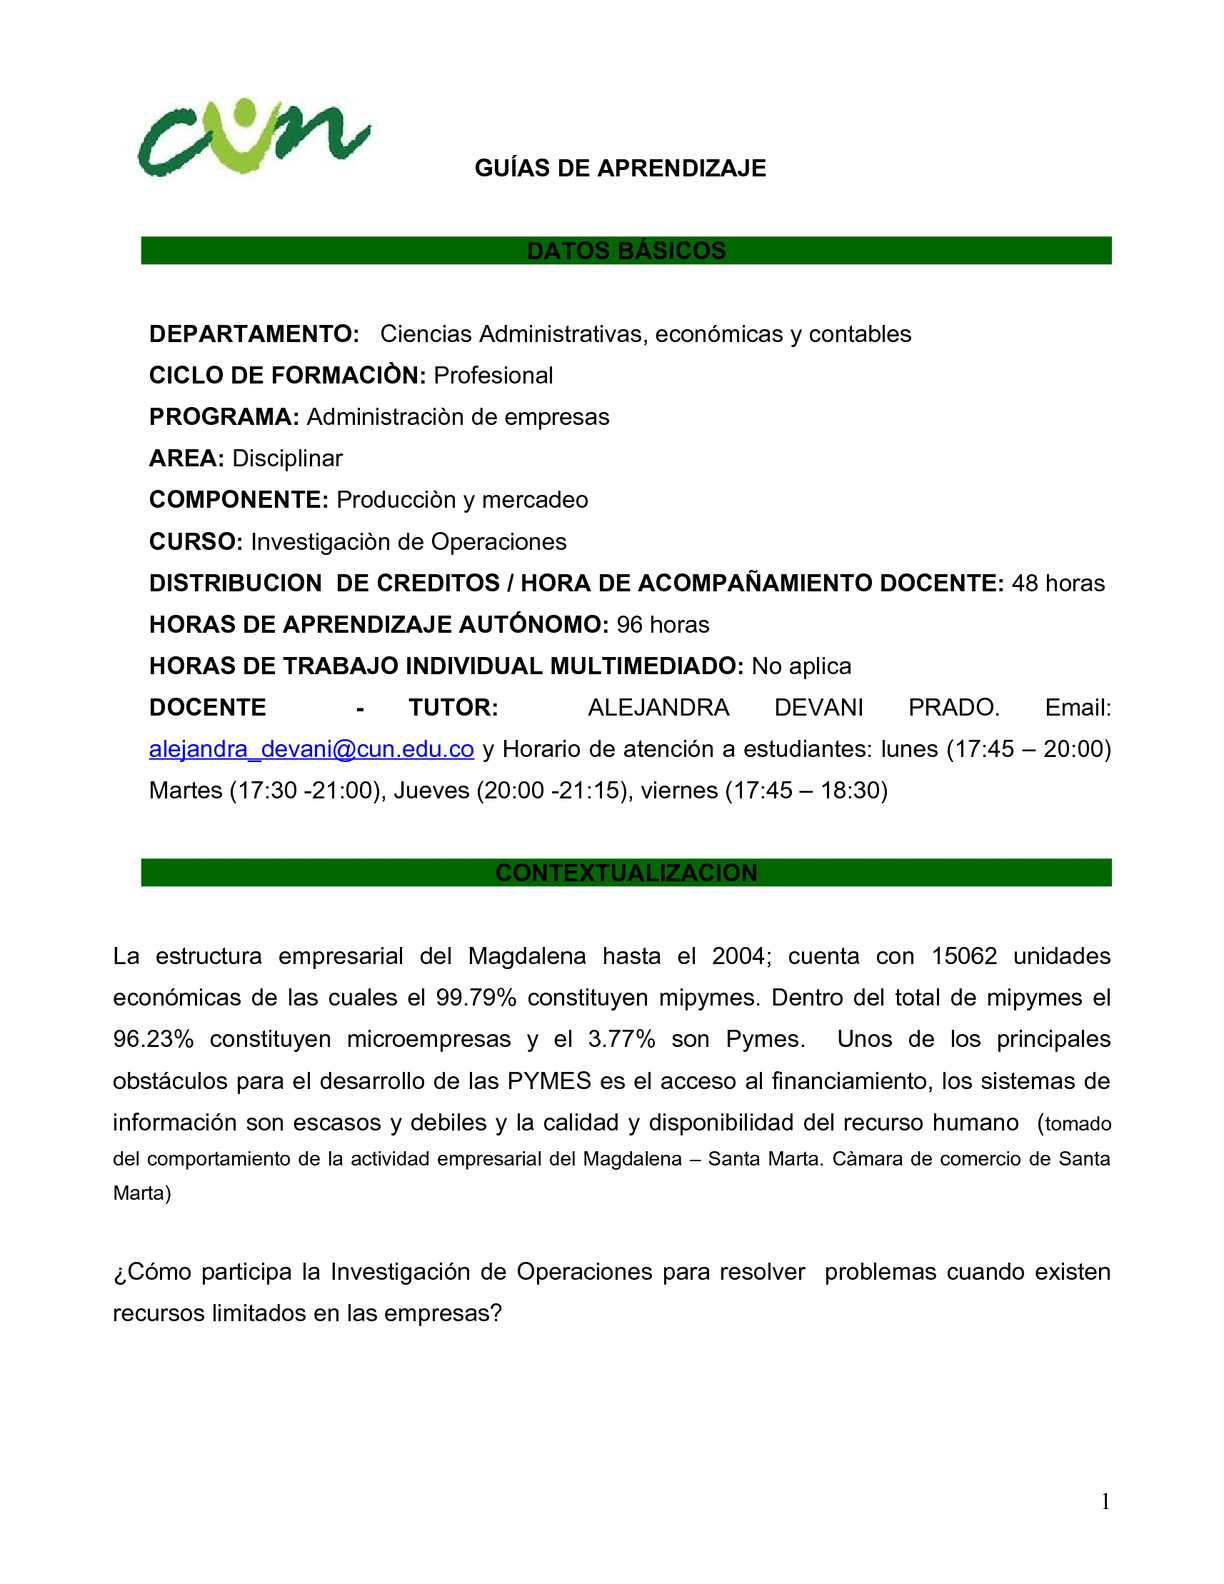 Calaméo - GUIA DE APRENDIZAJE